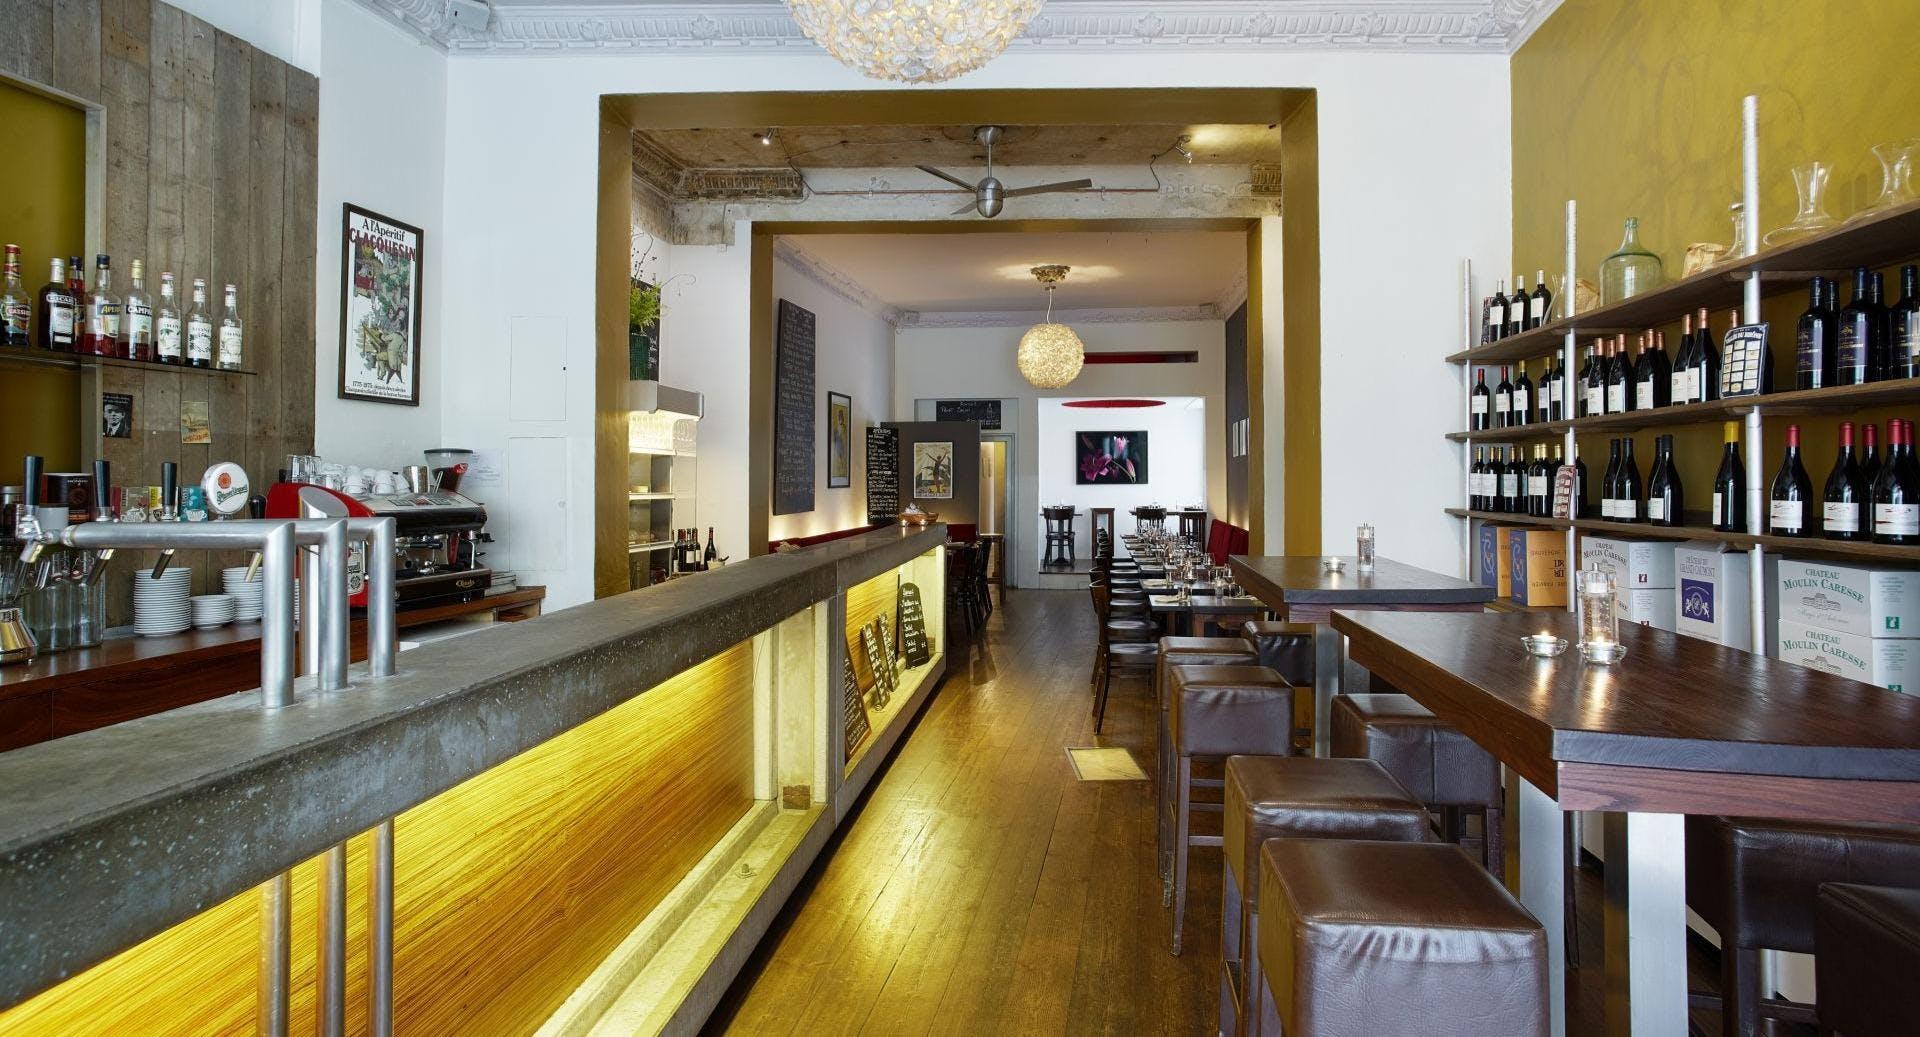 Brasserie la bonne franquette Berlin image 2